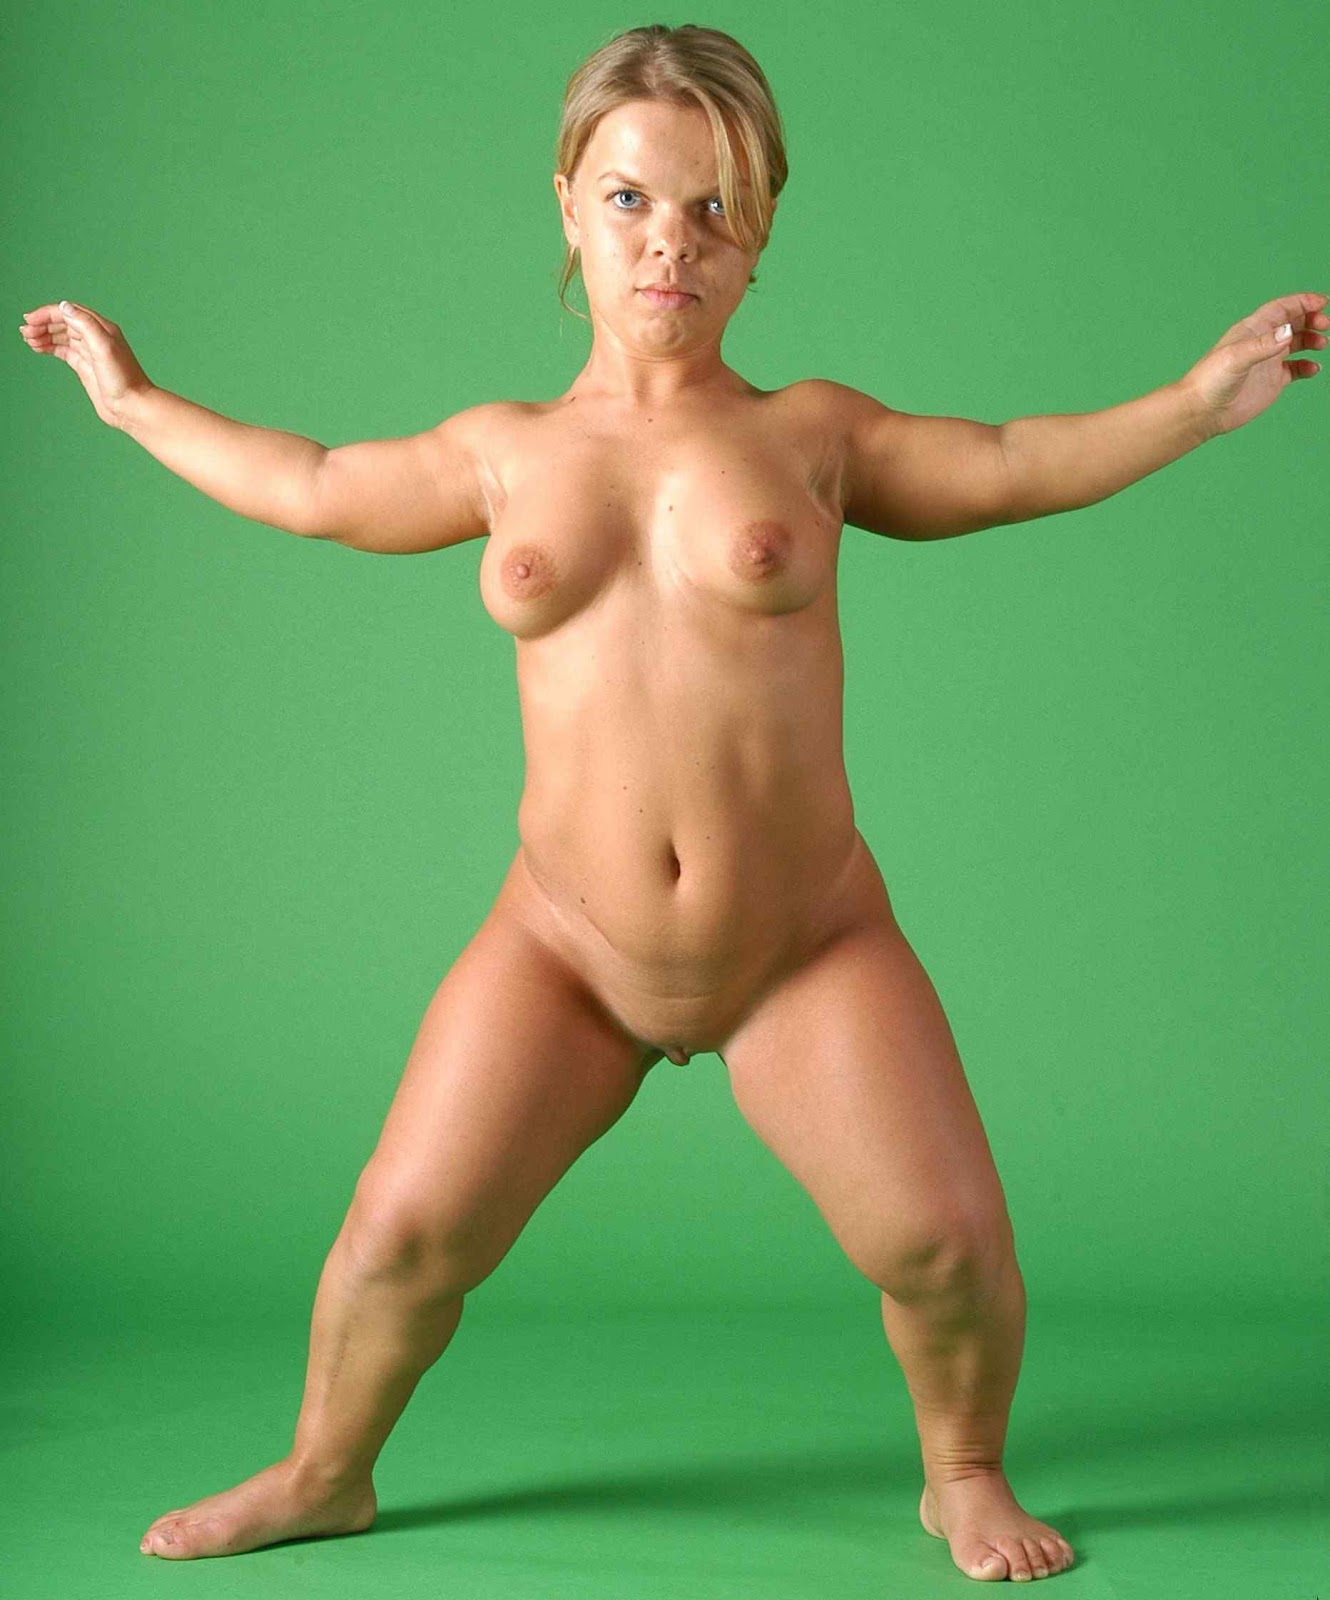 Naked Midget Female Nudes